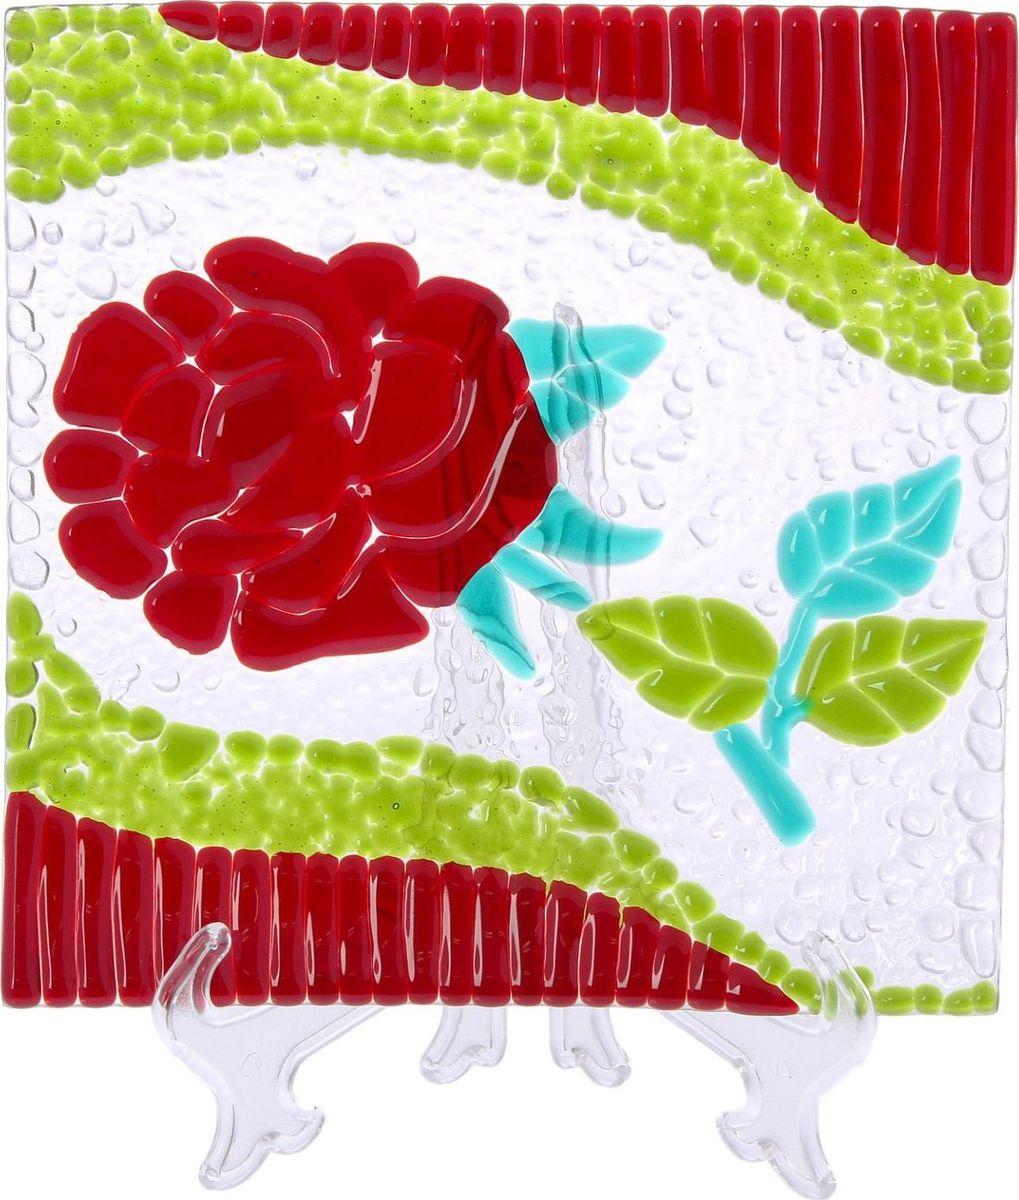 Тарелка Декостек Голландская роза, 21 см. 22617542261754Оригинальная посуда — свидетельство особого отношения хозяев дома к гостям. Изделия изготовлены необычным образом: несколько видов стекла спекаются в печи при температуре около 800 градусов. В результате этого получается уникальный продукт, по внешнему виду сходный с витражом. Стекло, полученное с помощью фьюзинга, отличают особенная прозрачность и глубина цвета, оно сохраняет оттенок и не подвержено старению.Особенности предмета:тщательная обработка рельефа поверхности;высококачественный узор;высокая прочность – изделия можно мыть в посудомоечной машине.Такой предмет станет прекрасным подарком по любому случаю. В комплект входит подставка и декоративная коробка.